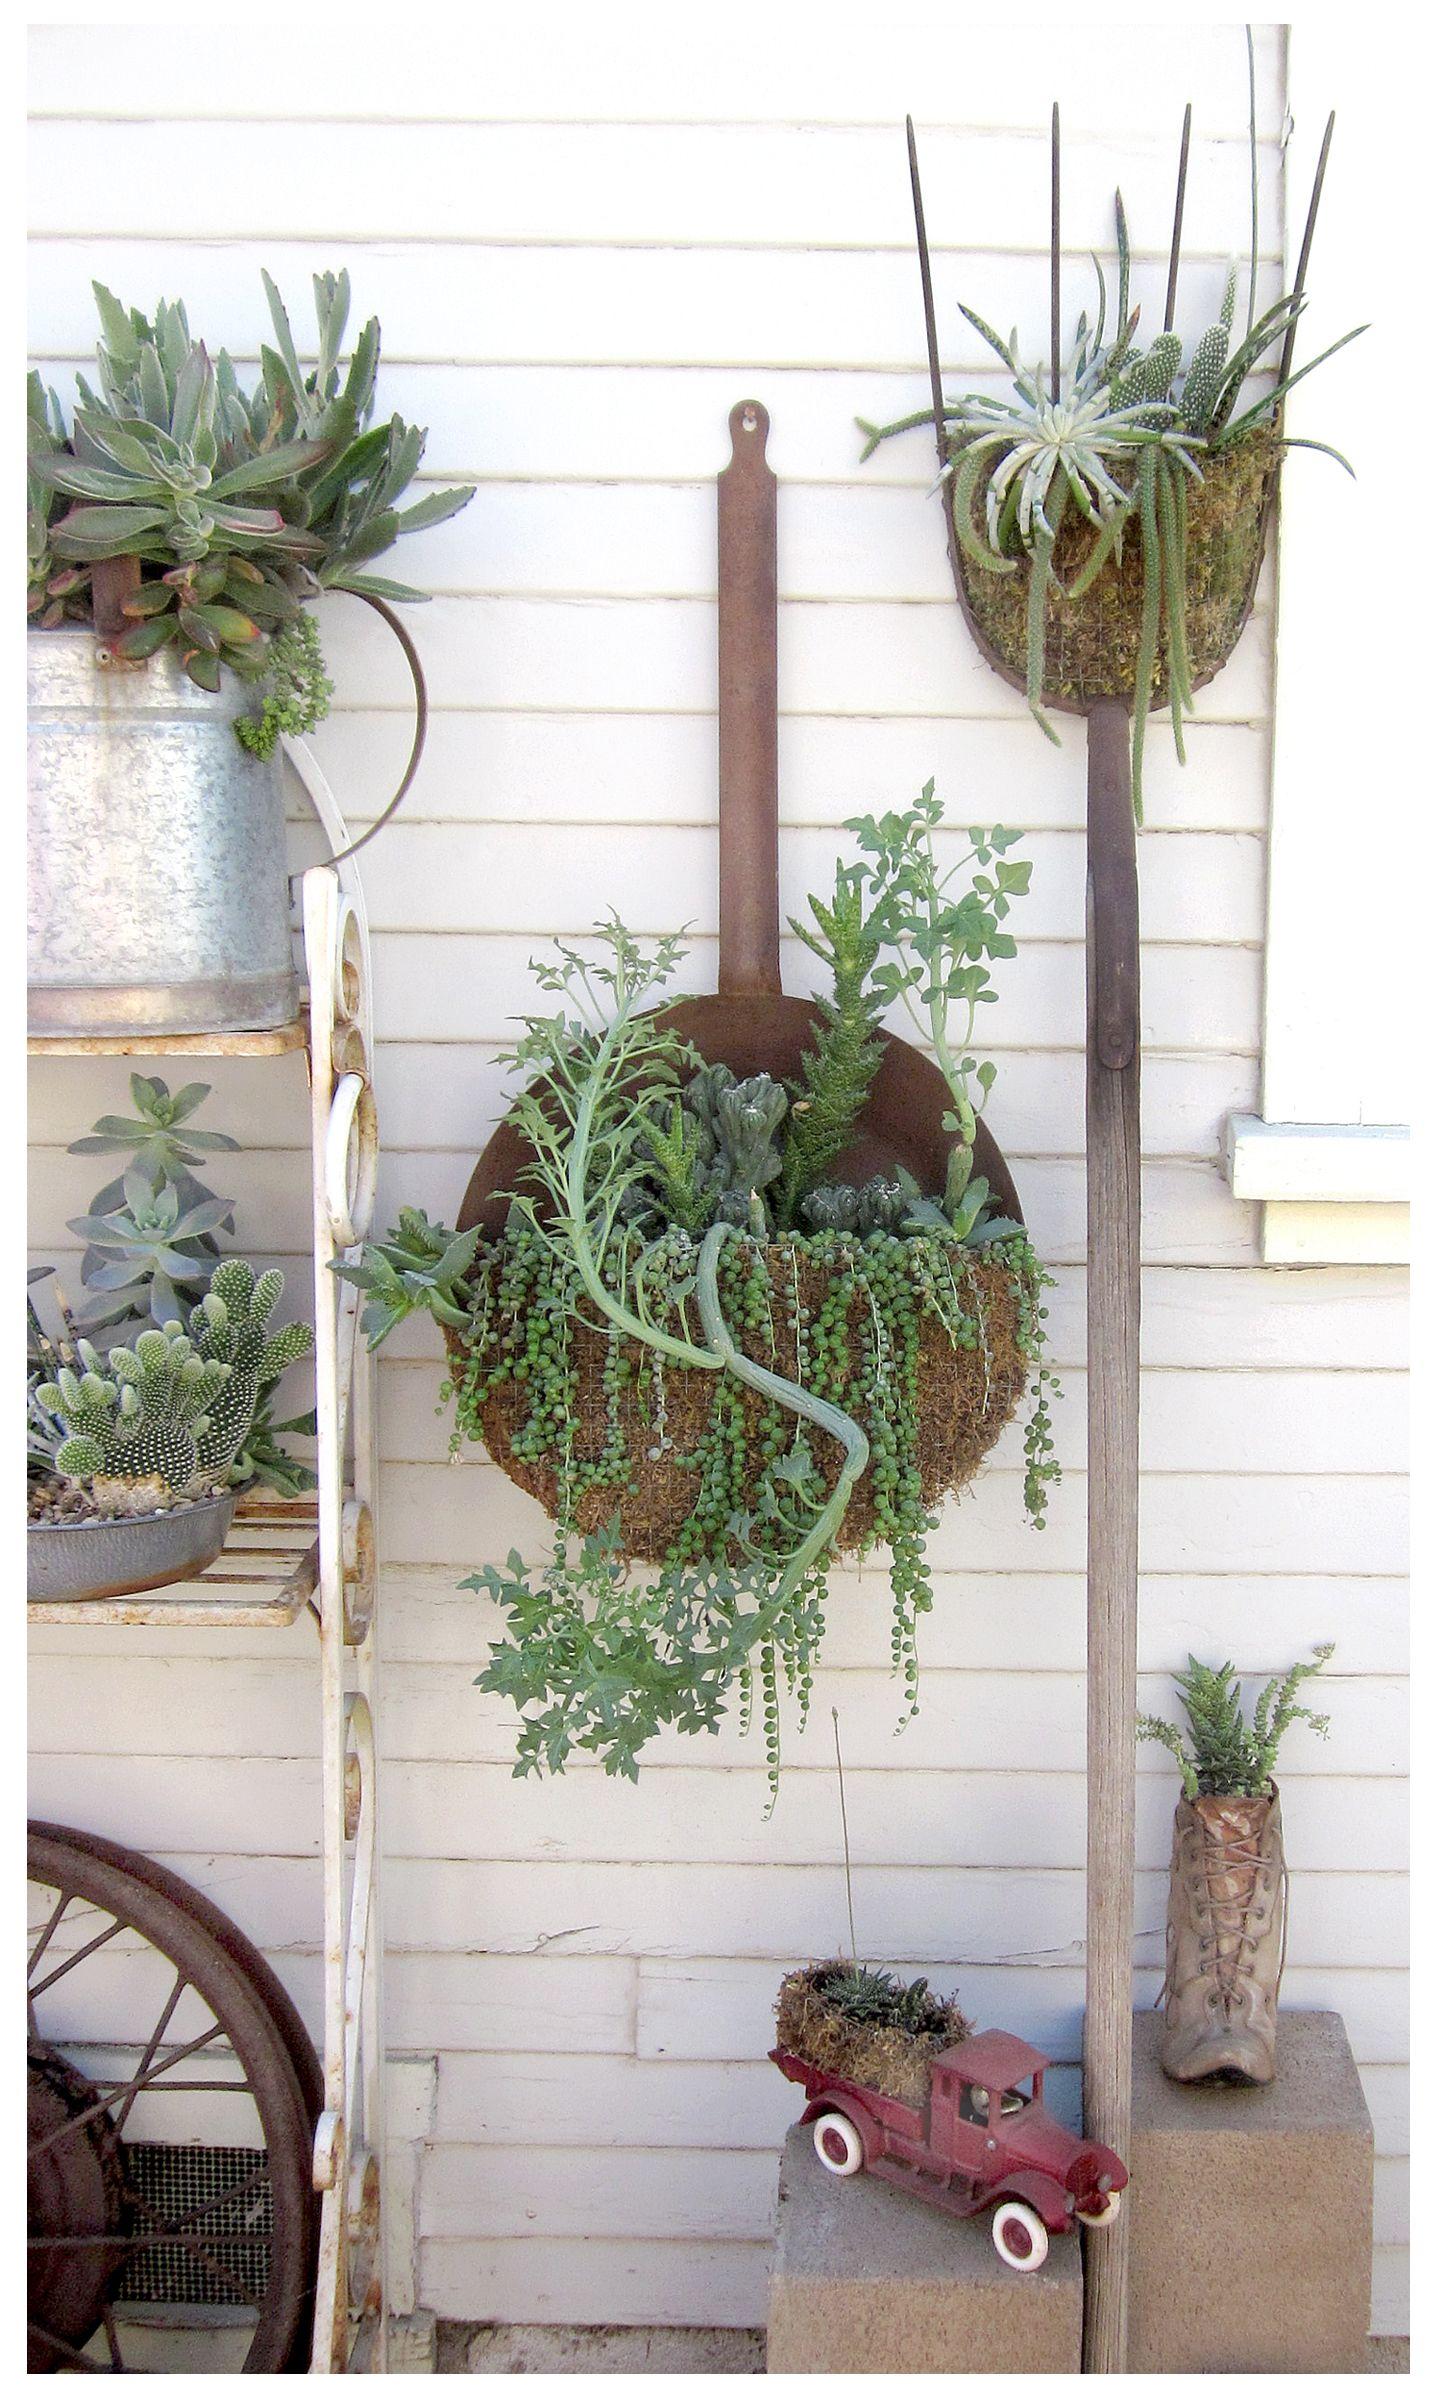 Aus alt mach neu einfach alte gegenst nde aus garten und haus bepflanzen und schon hat man - Garten neu bepflanzen ...